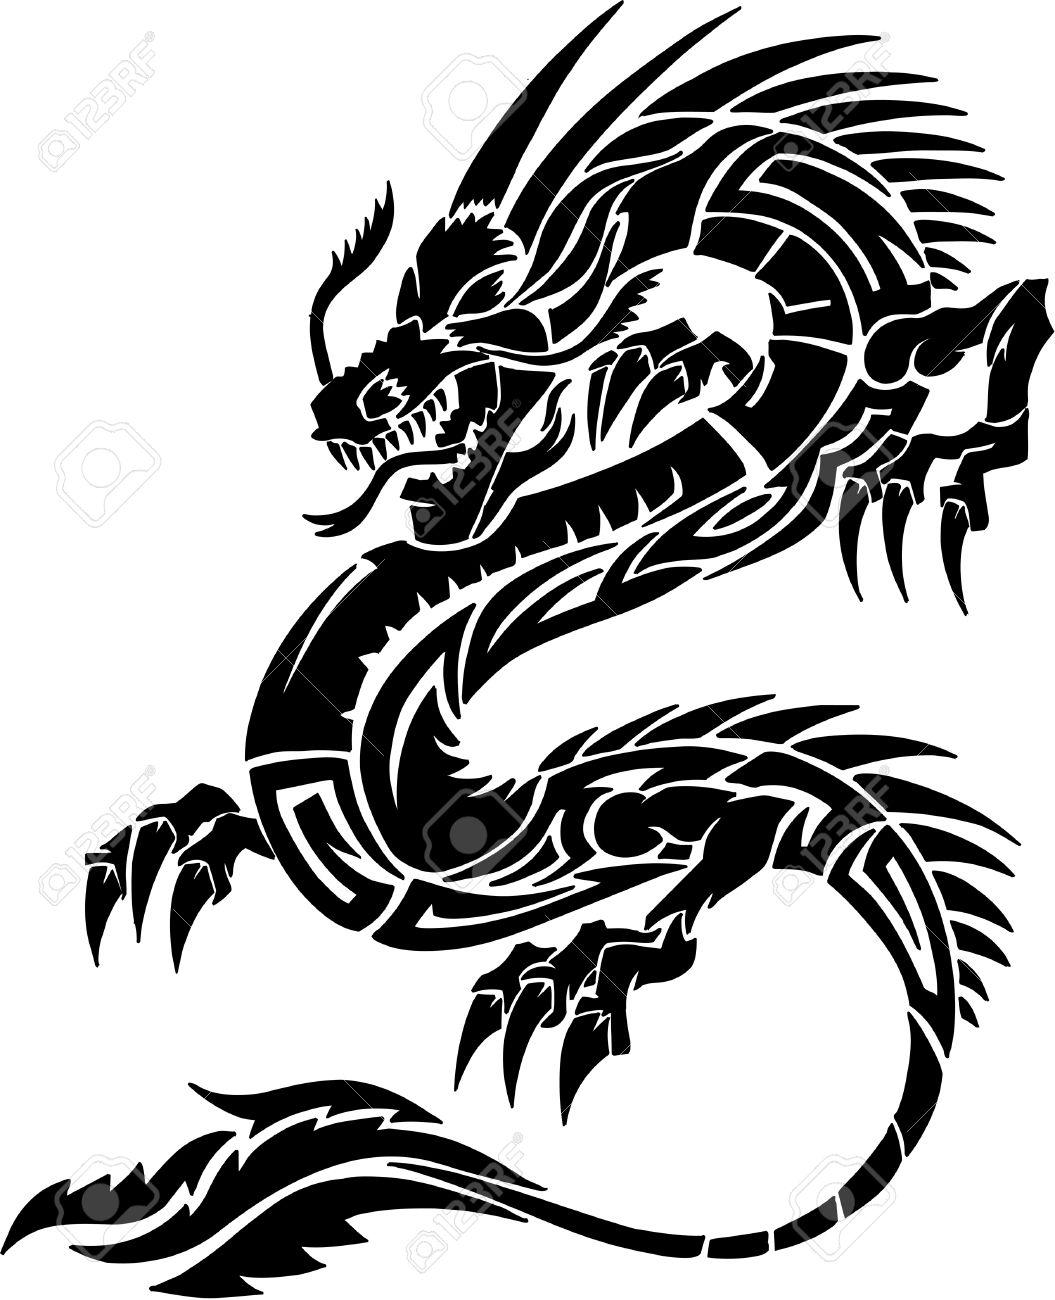 Tribal-Tattoos 3631722-Tribal-Tattoo-Dragon-Vector-Illustration-Stock-Vector